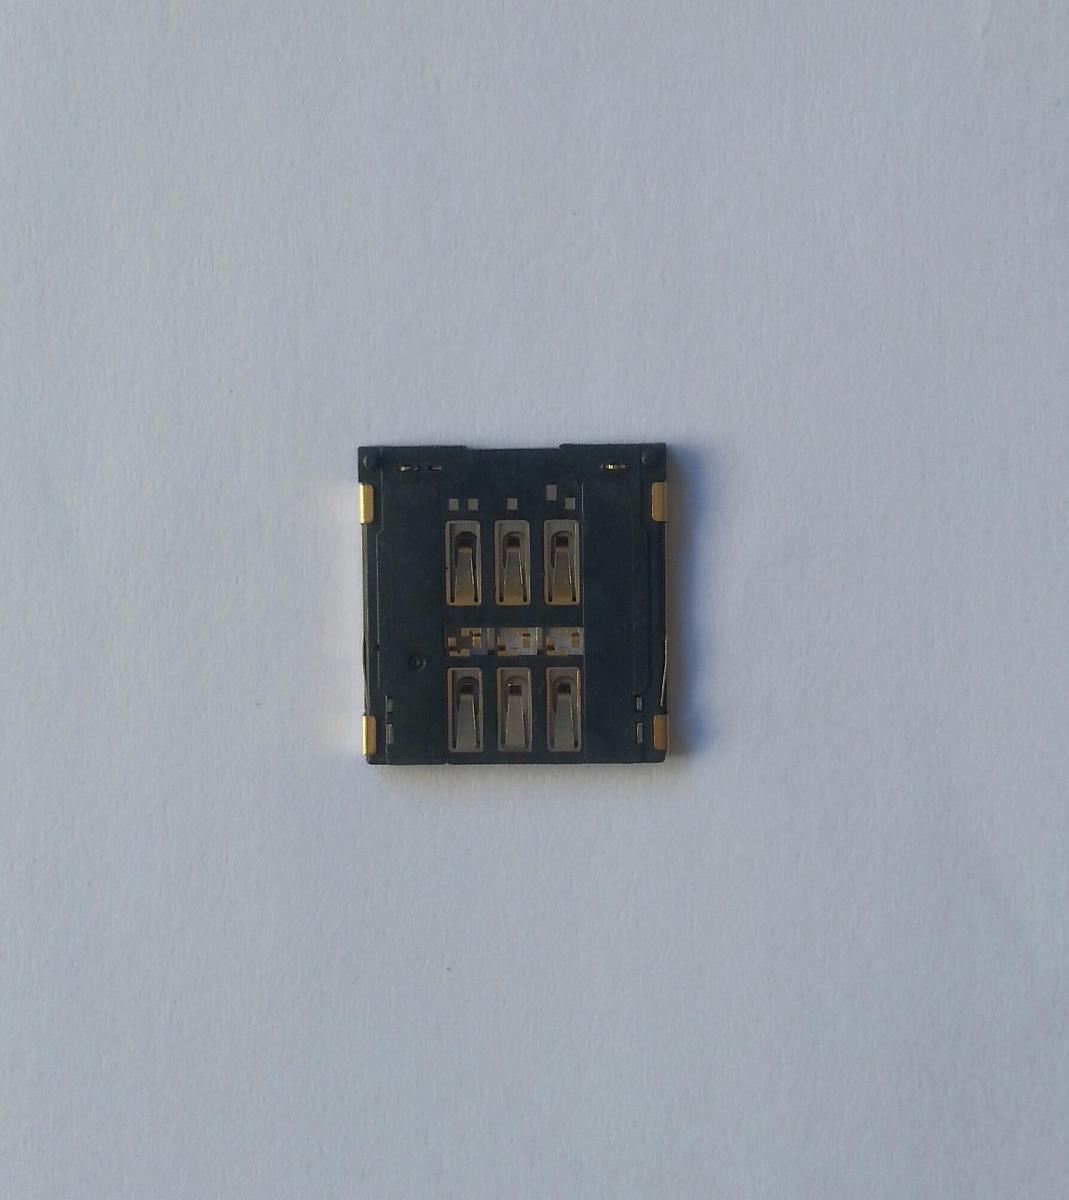 conector chip iphone 5 5s 5c leitor sim card original porta r 37 97 em mercado livre. Black Bedroom Furniture Sets. Home Design Ideas